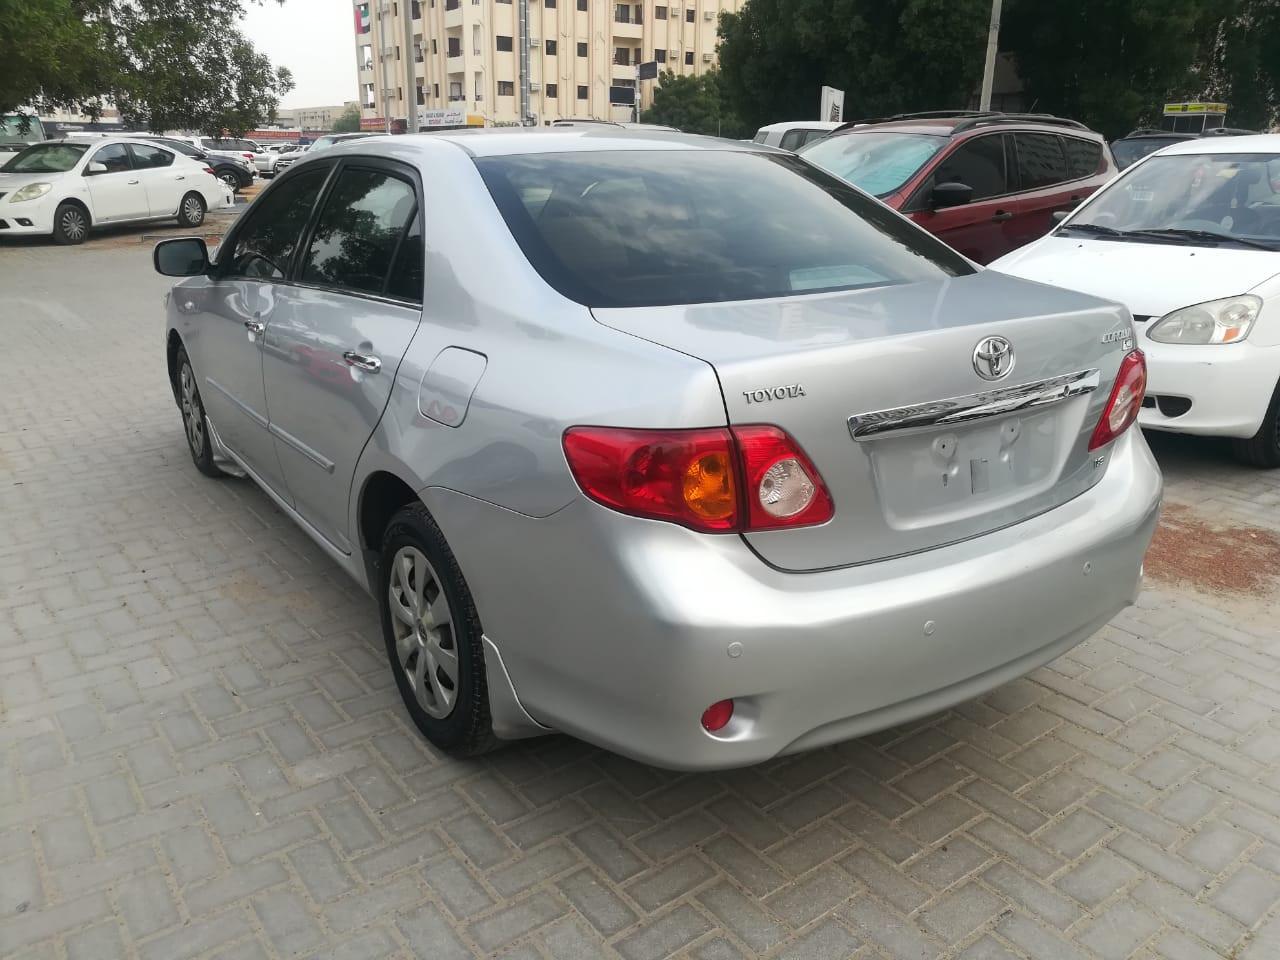 Kelebihan Kekurangan Toyota Corolla 2008 Tangguh